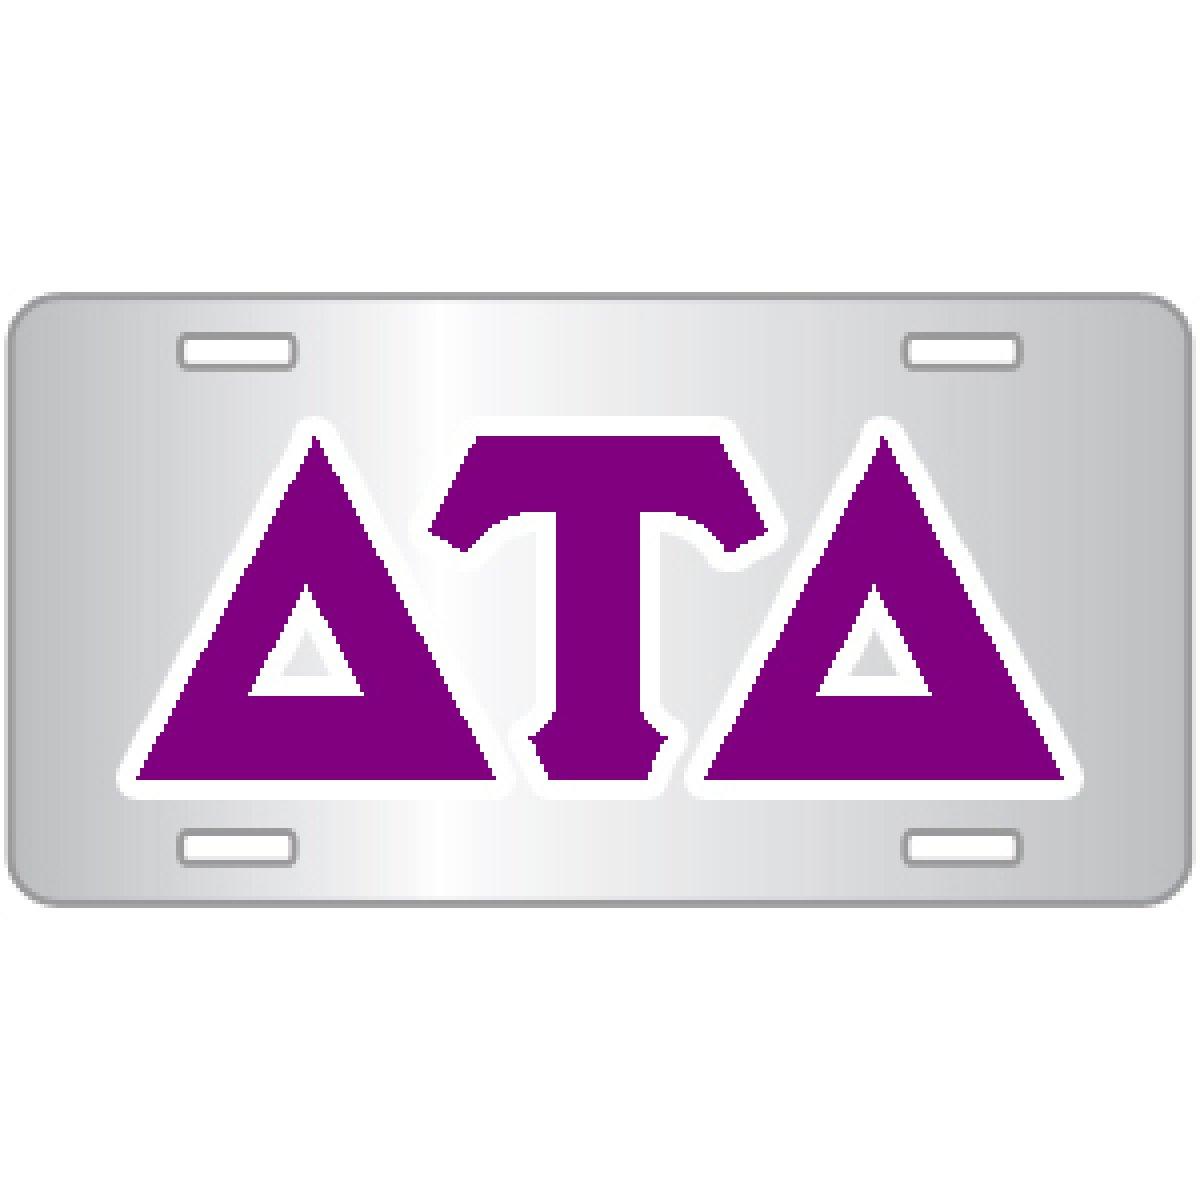 Delta Tau Delta License Plate.